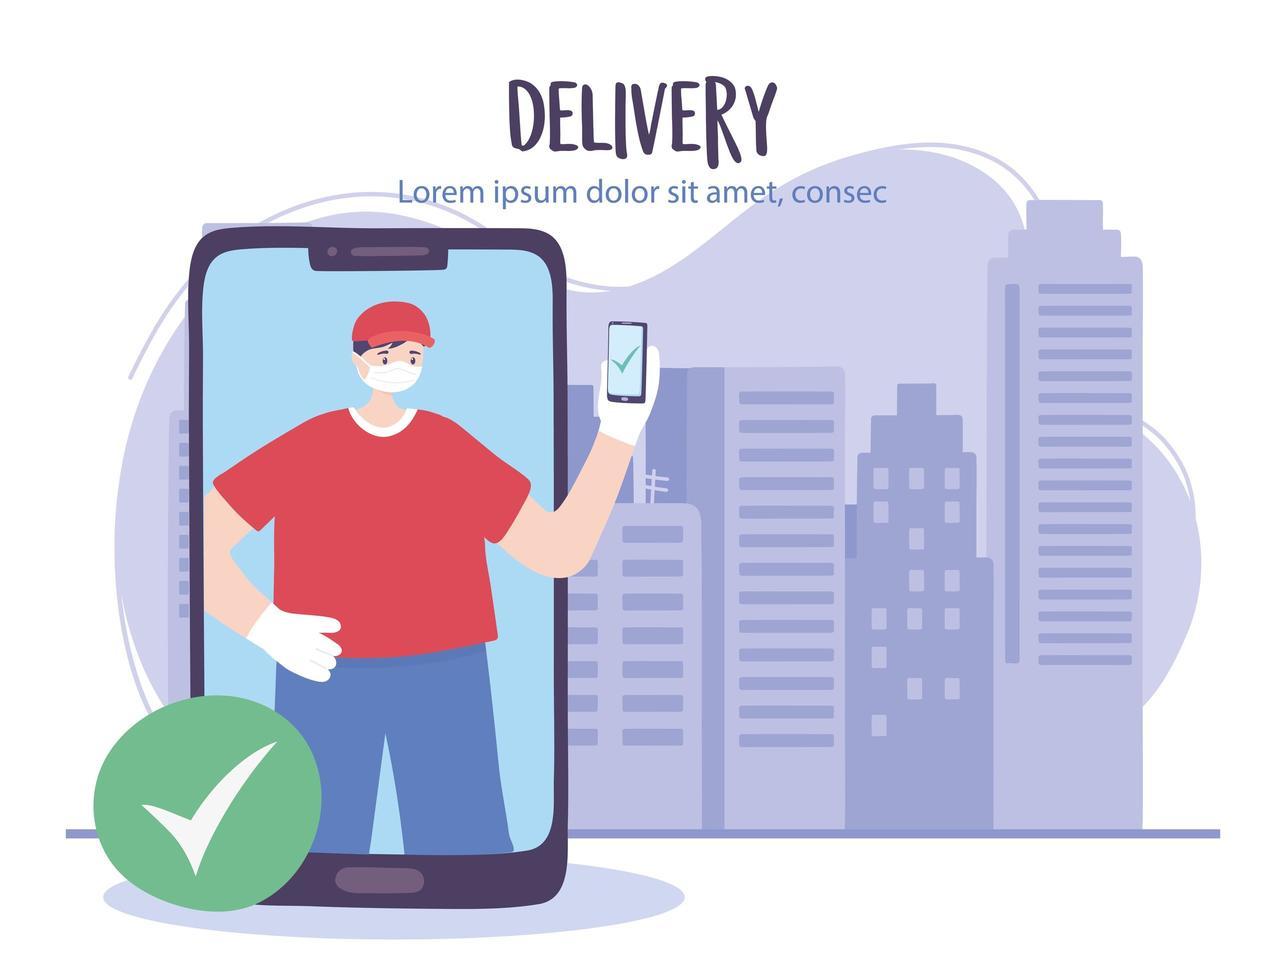 online bezorgservice met koeriersman en smartphone vector